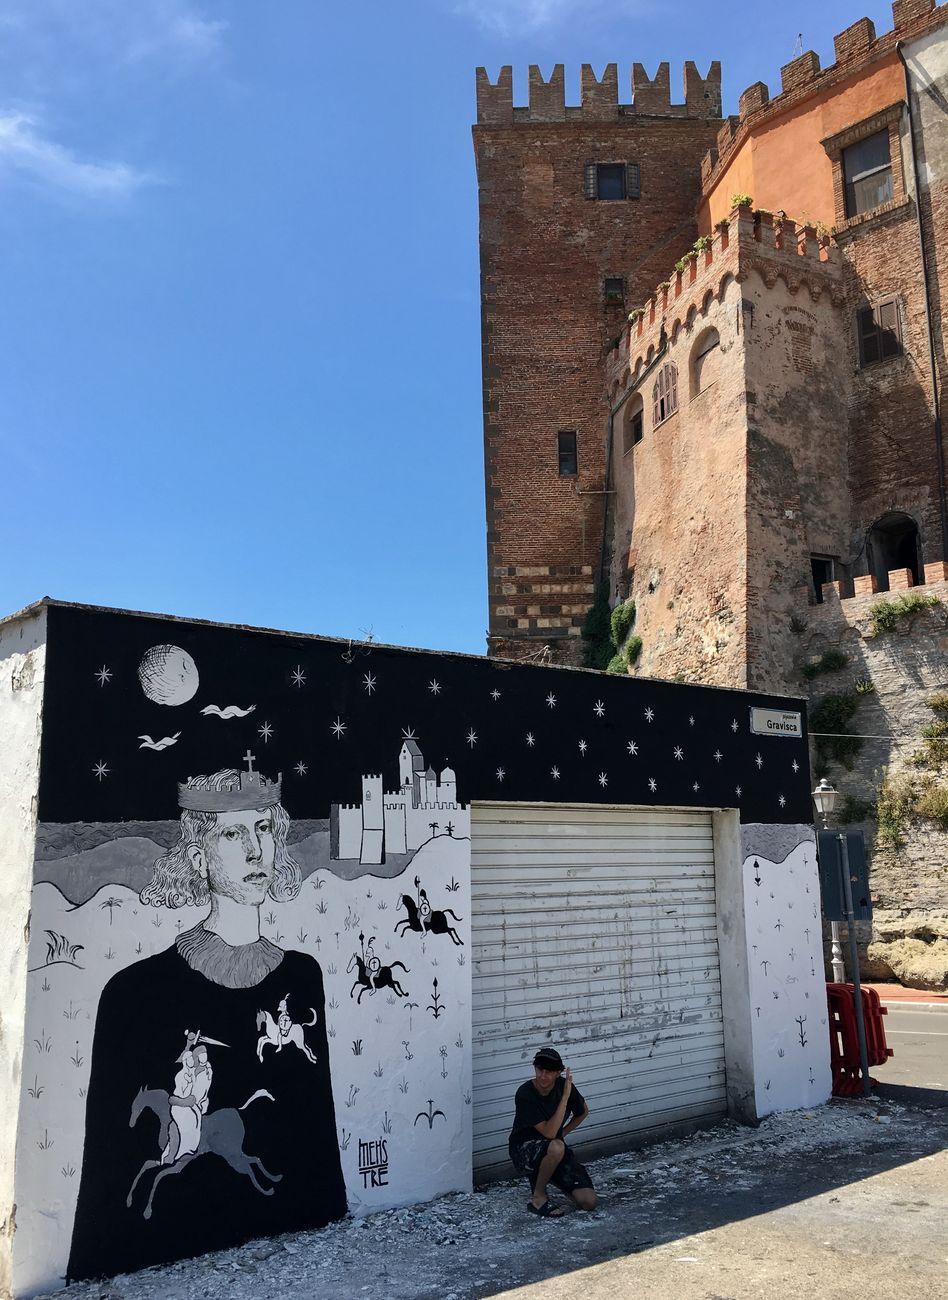 Mehstre, Desiderio Re dei Longobardi, Montalto di Castro, 2019. Photo Matteo Bidini